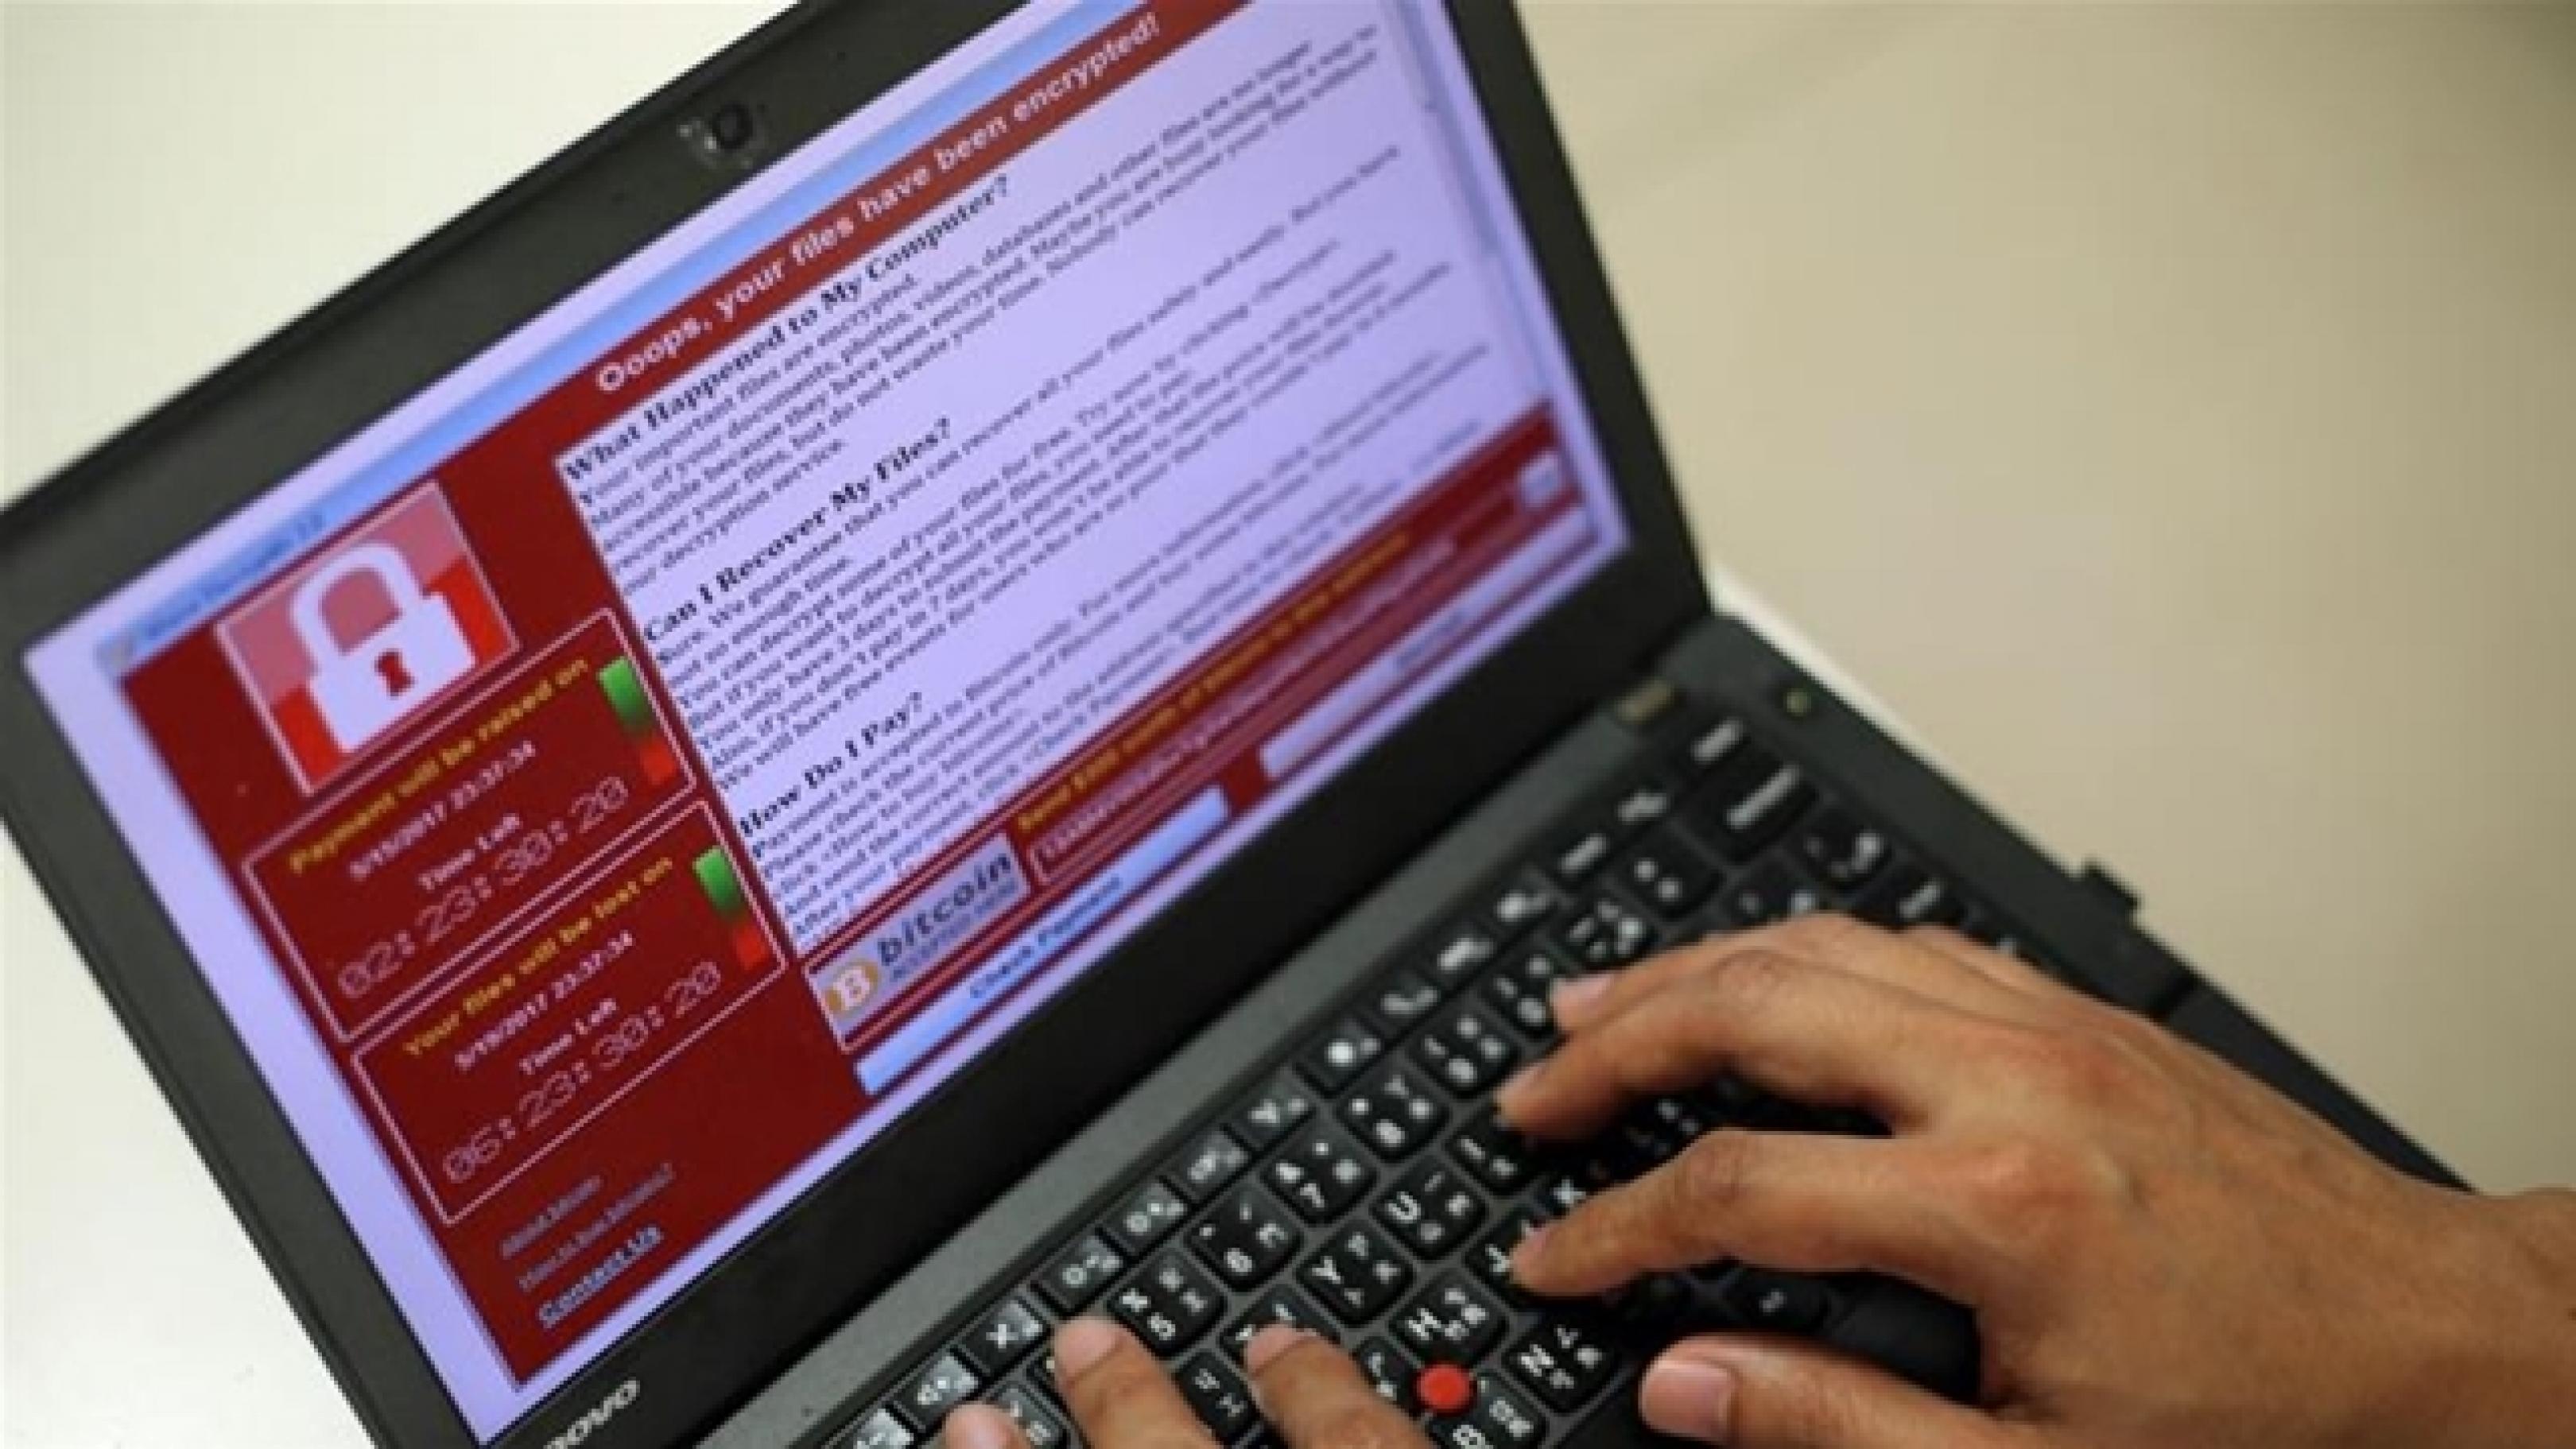 Link tải các bản cập nhật ứng với từng phiên bản Windows để bảo vệ máy tính của bạn khỏi WannaCry, dùng được cho cả bản lậu